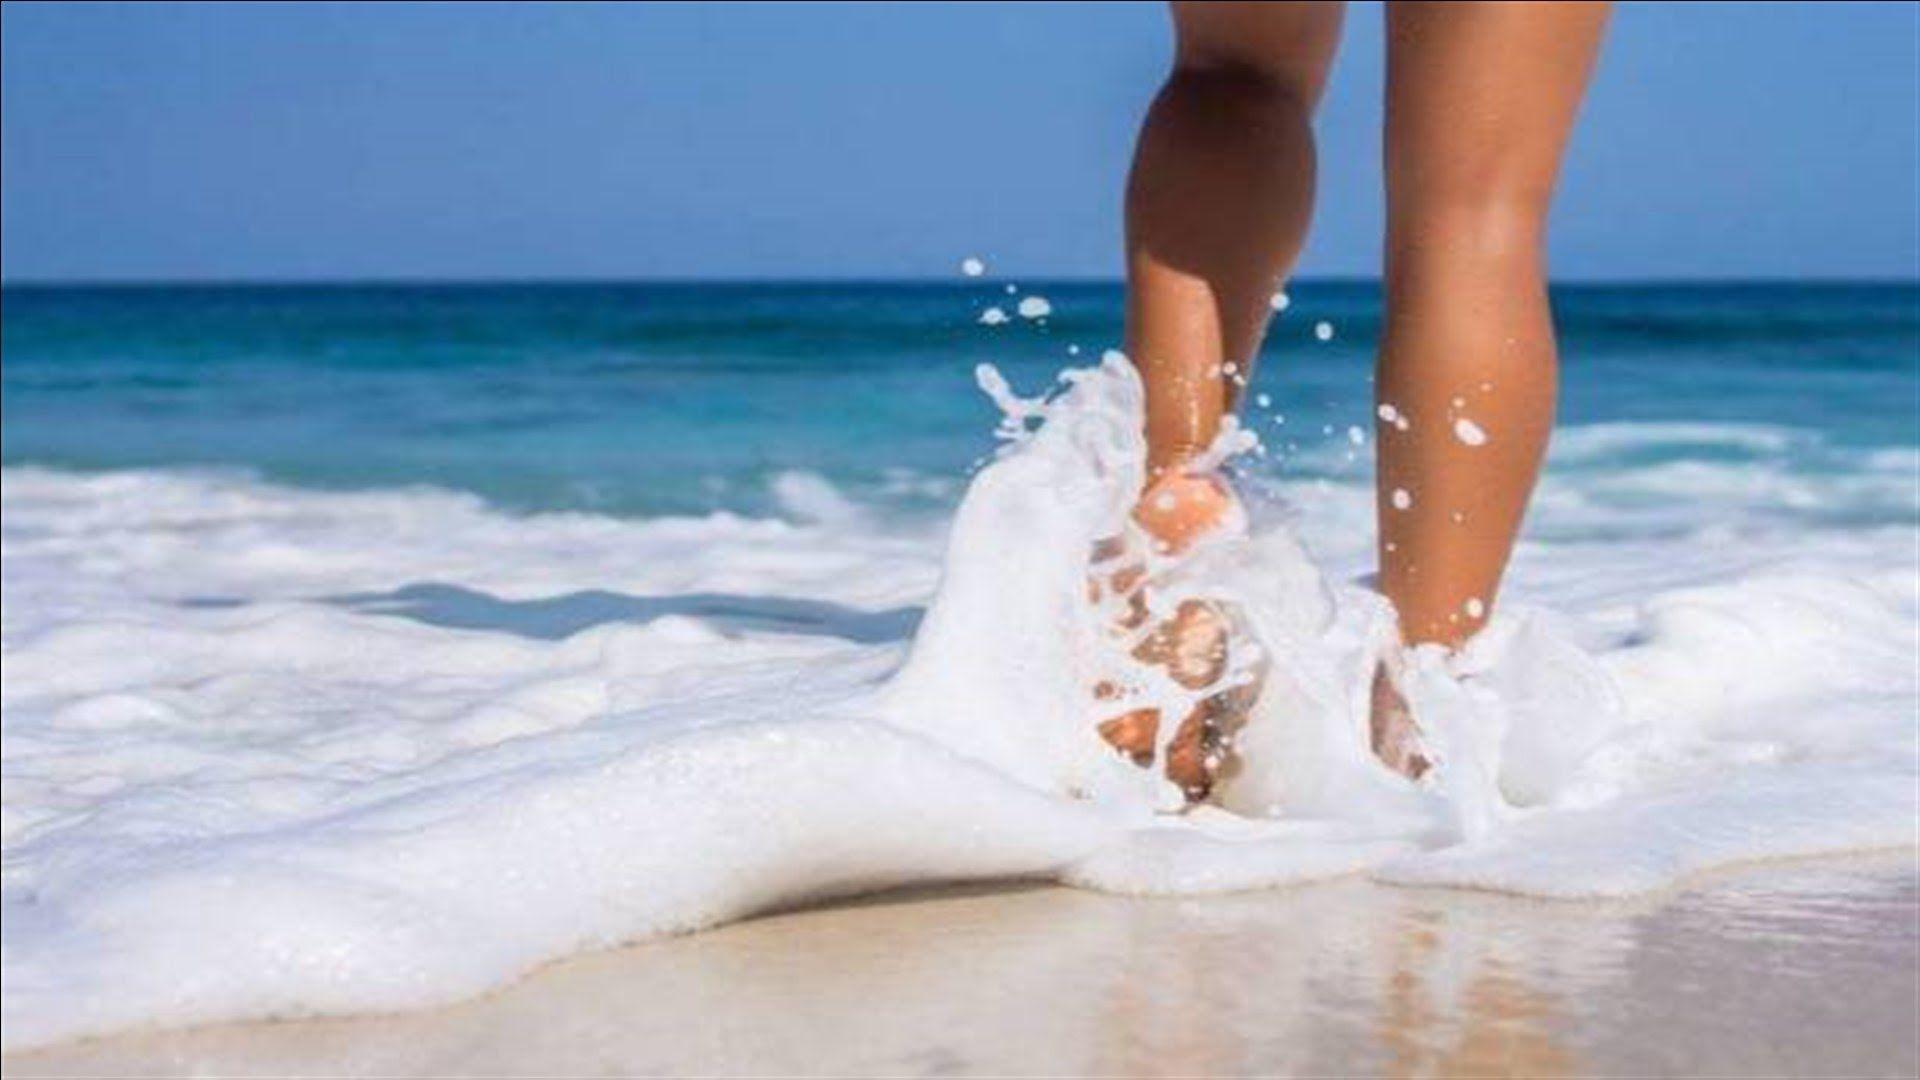 فوائد المشي على رمال الشاطئ مذهلة Pool Float Stock Photos Pool